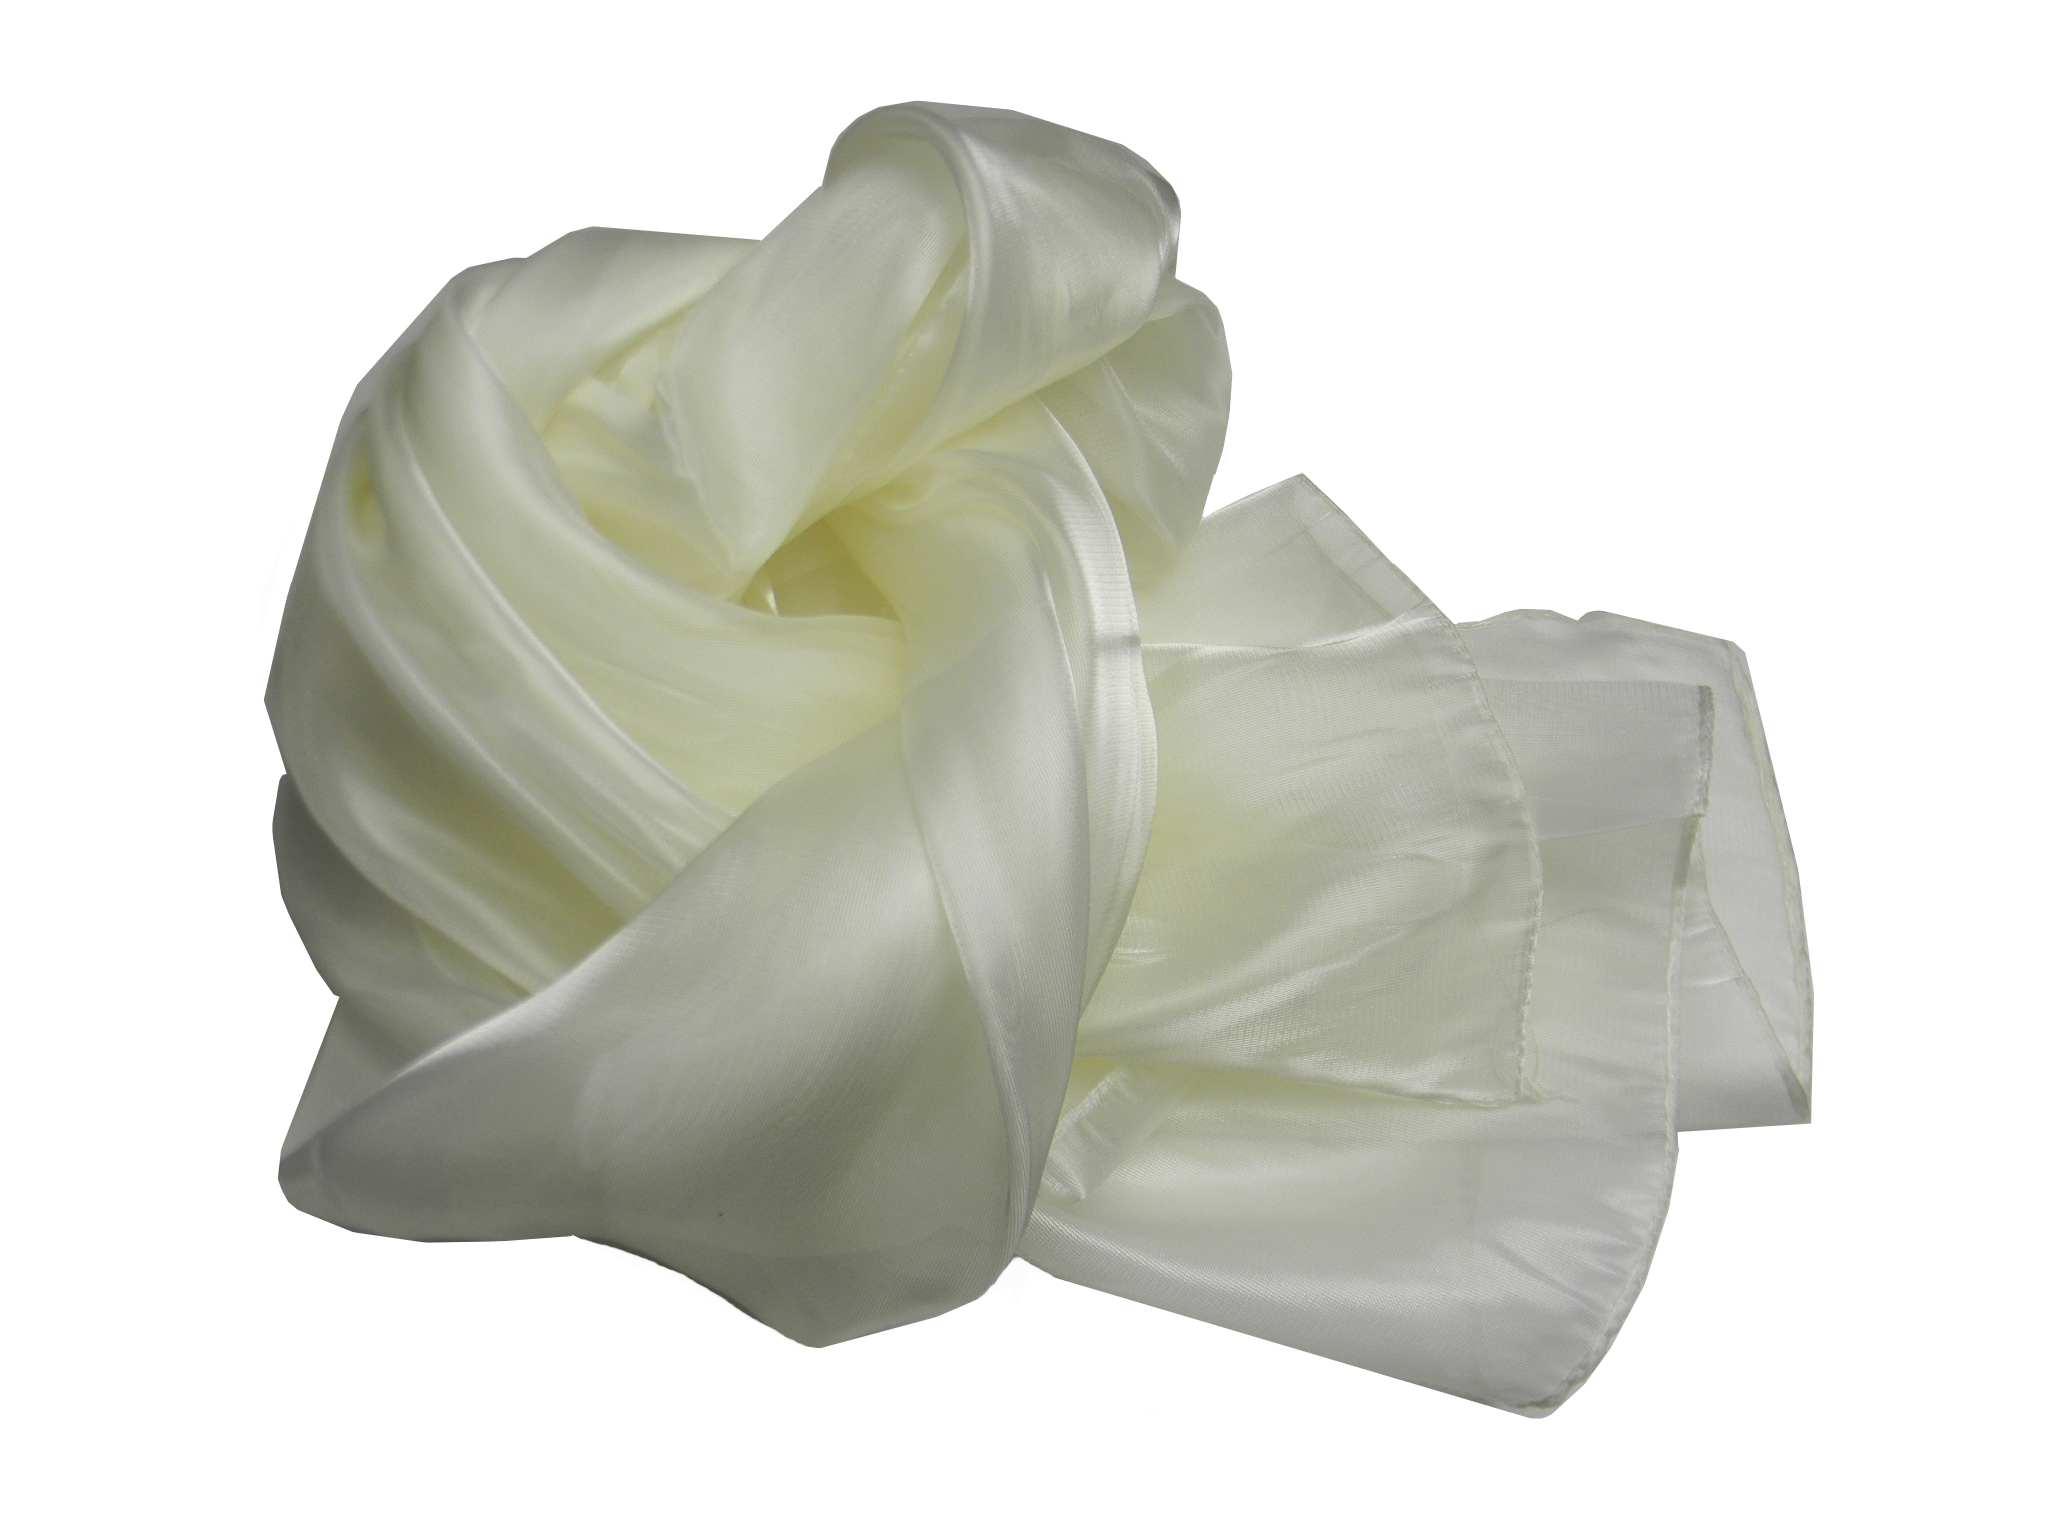 new style 0c55e c2df5 Stola donna bianco panna coprispalle in raso lucido seta da ...